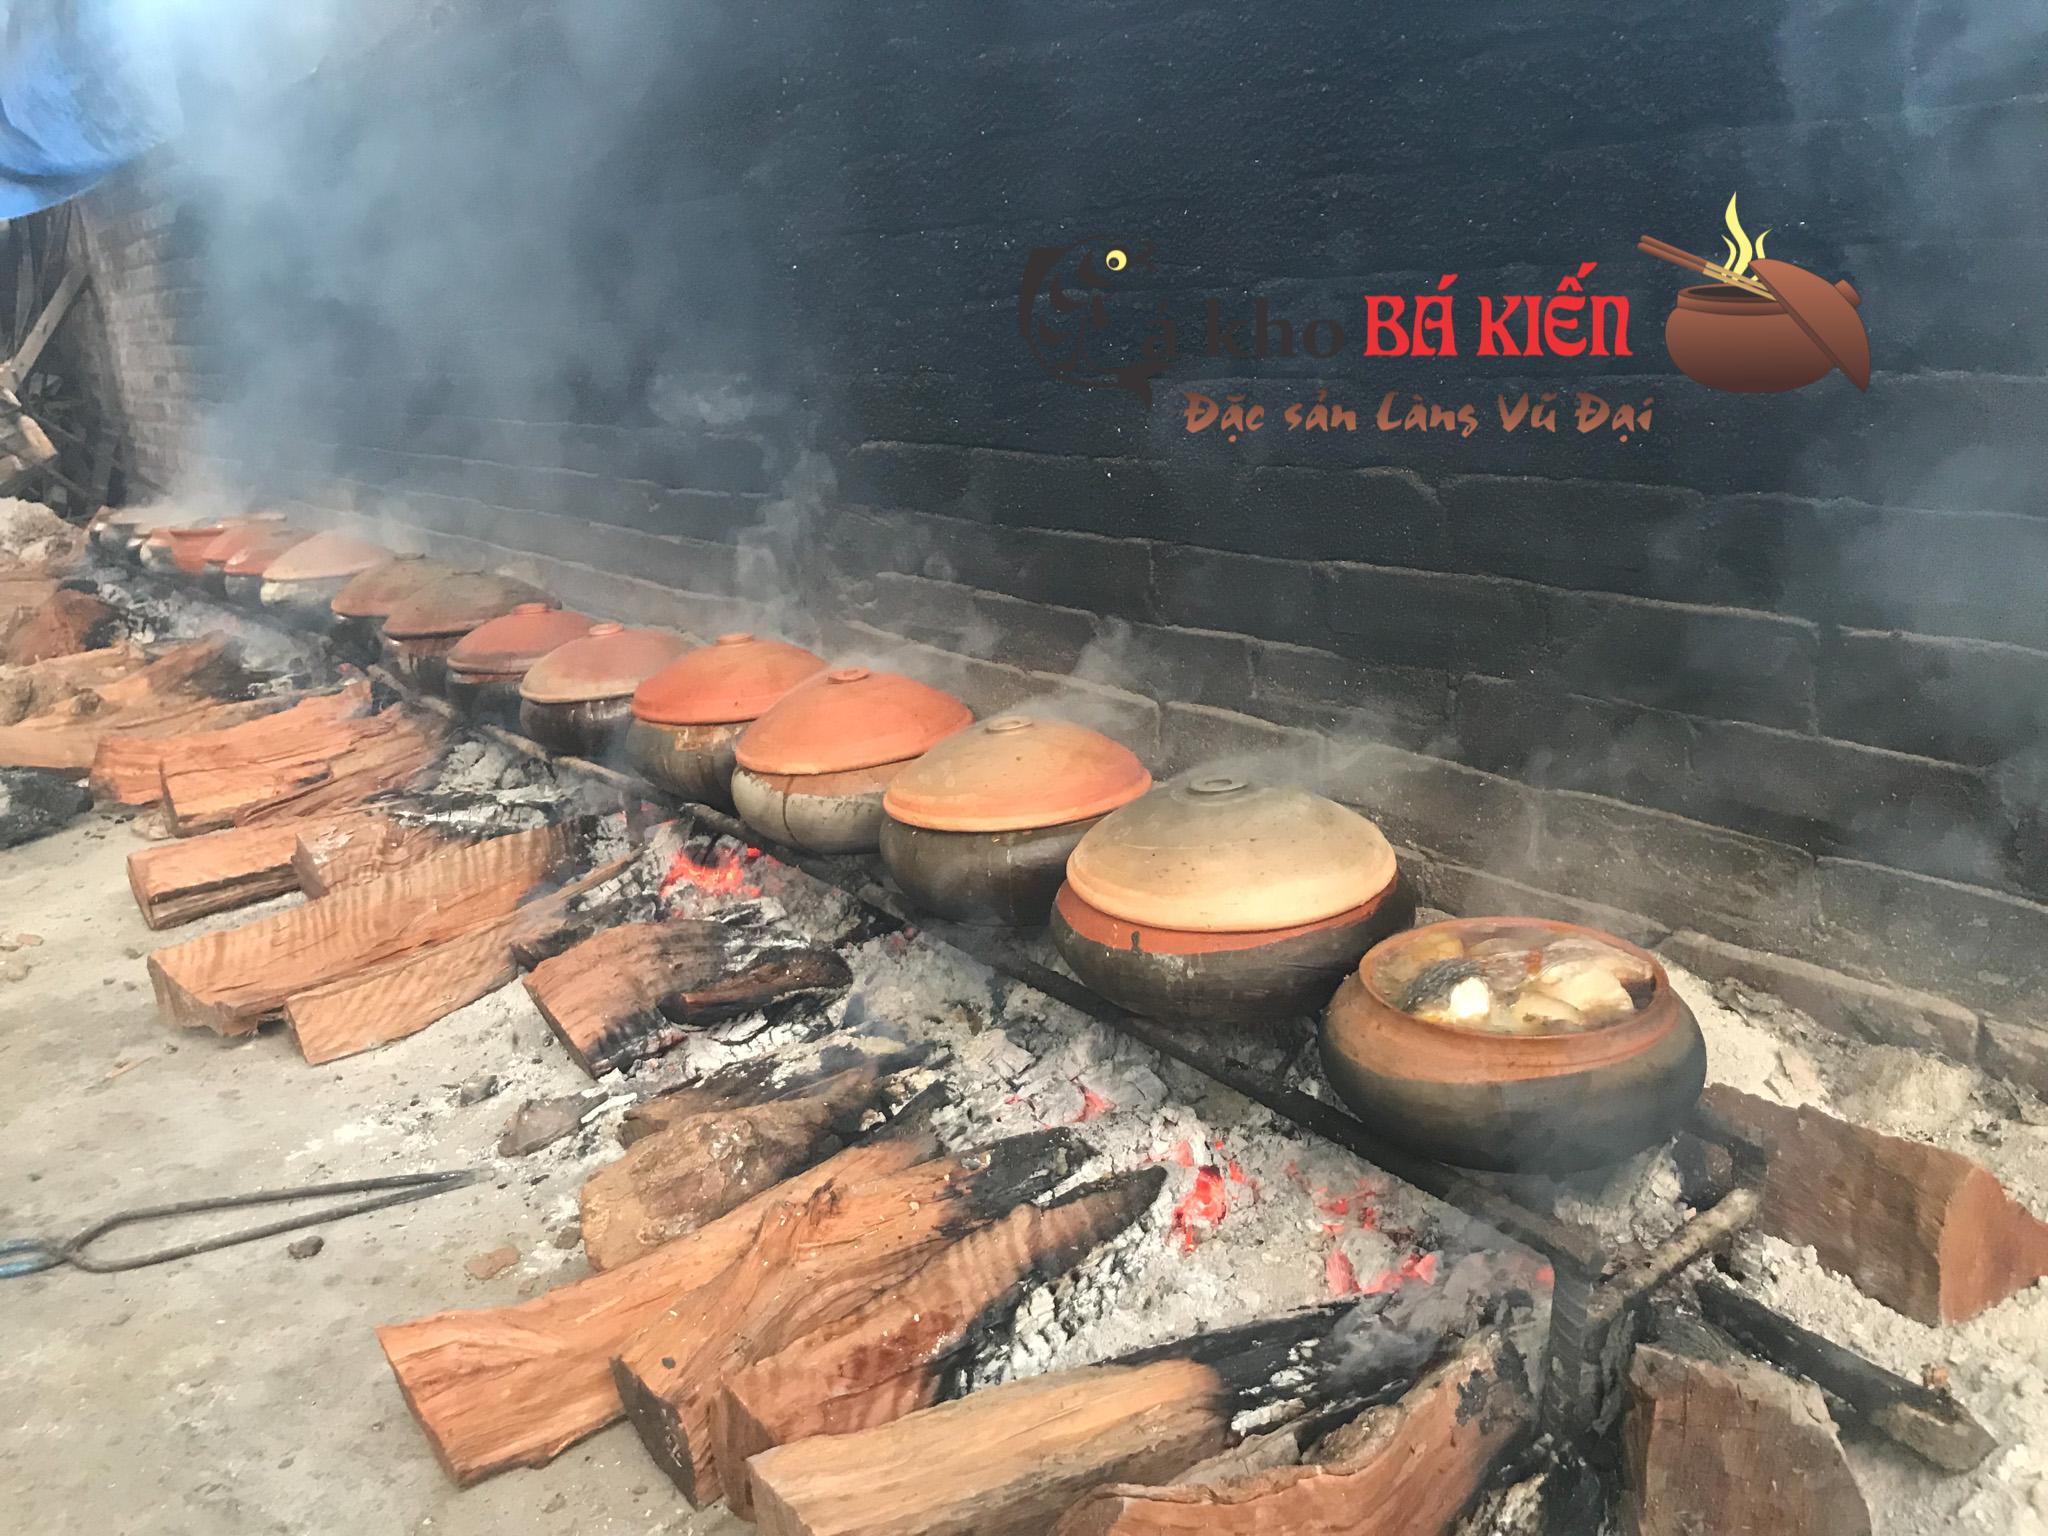 Niêu cá được kho liên tục 16h trên bếp lửa hồng để đạt được miếng các cứng chắc nhưng xương lại nhừ